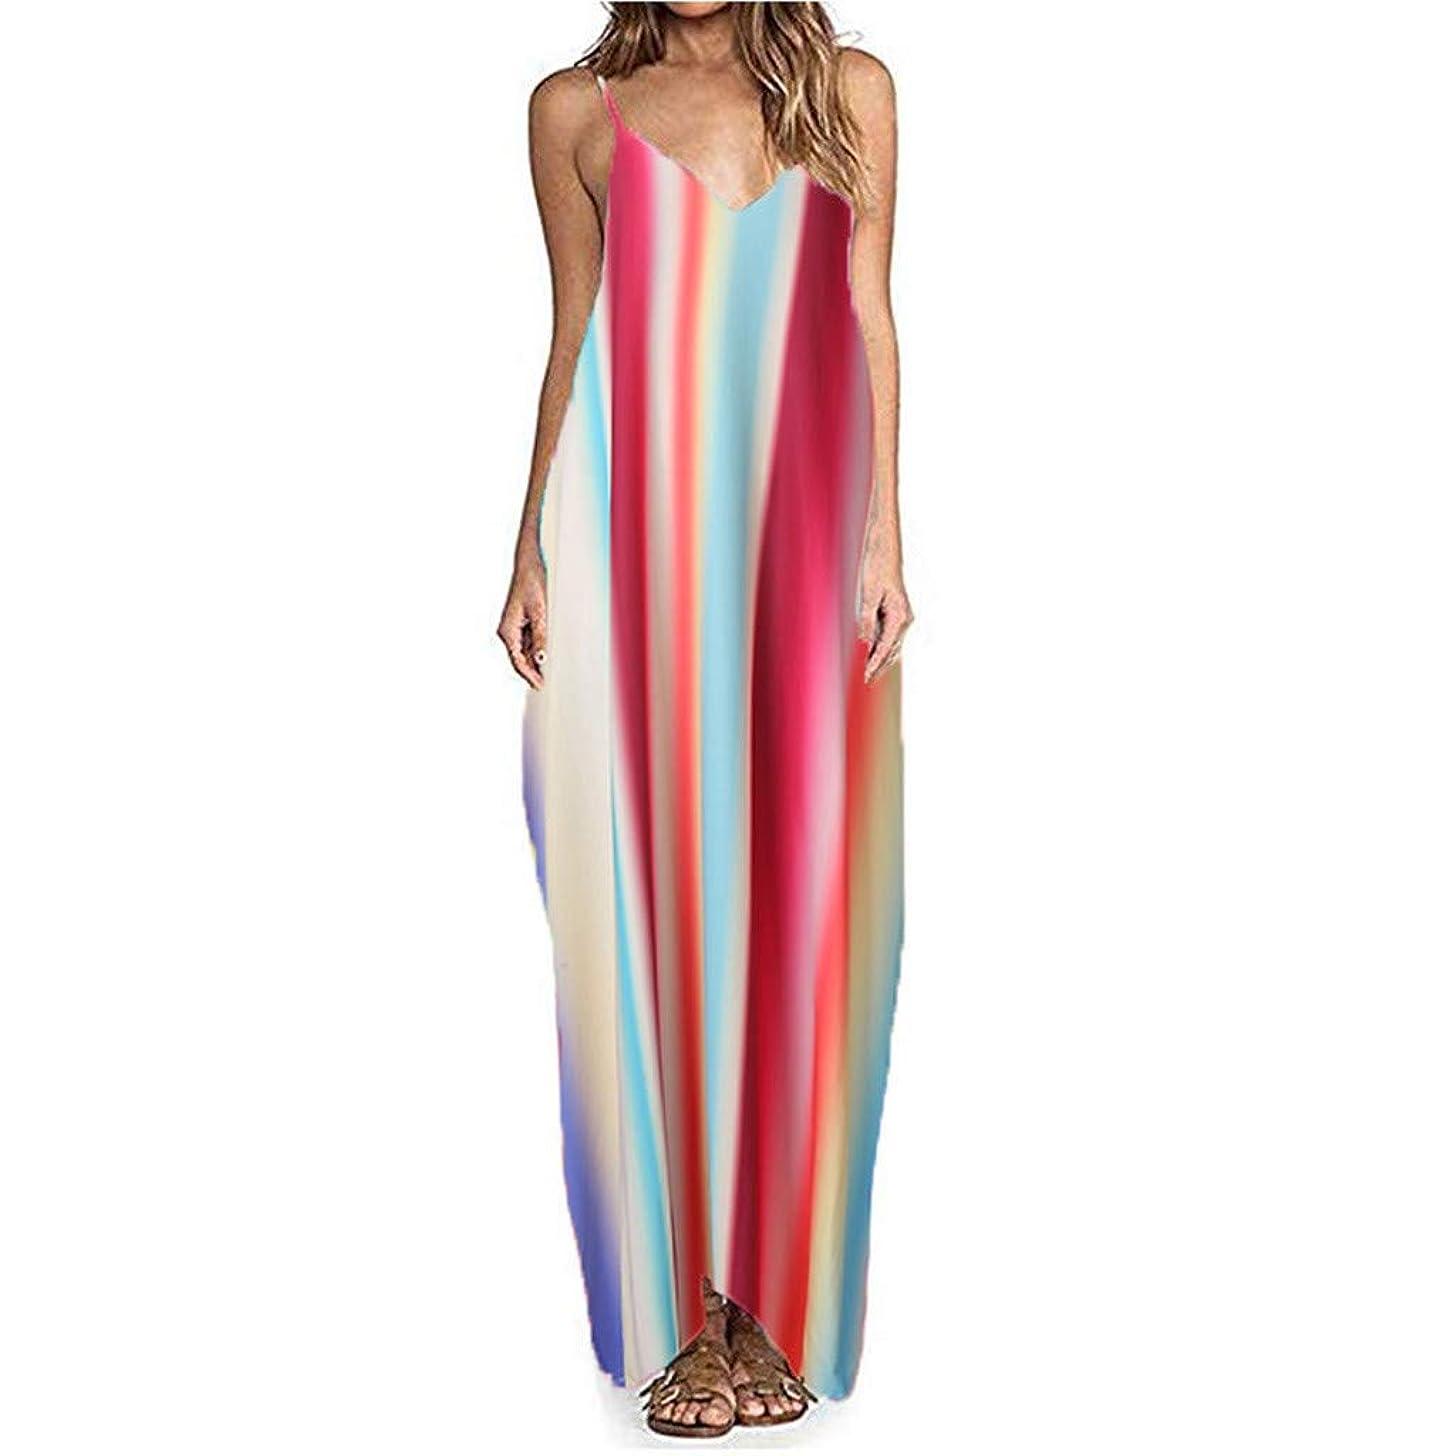 Sttech1 Women's Summer V-Neck Long Dress Sleeveless Loose Rainbow Printed Pocket Beach Dress